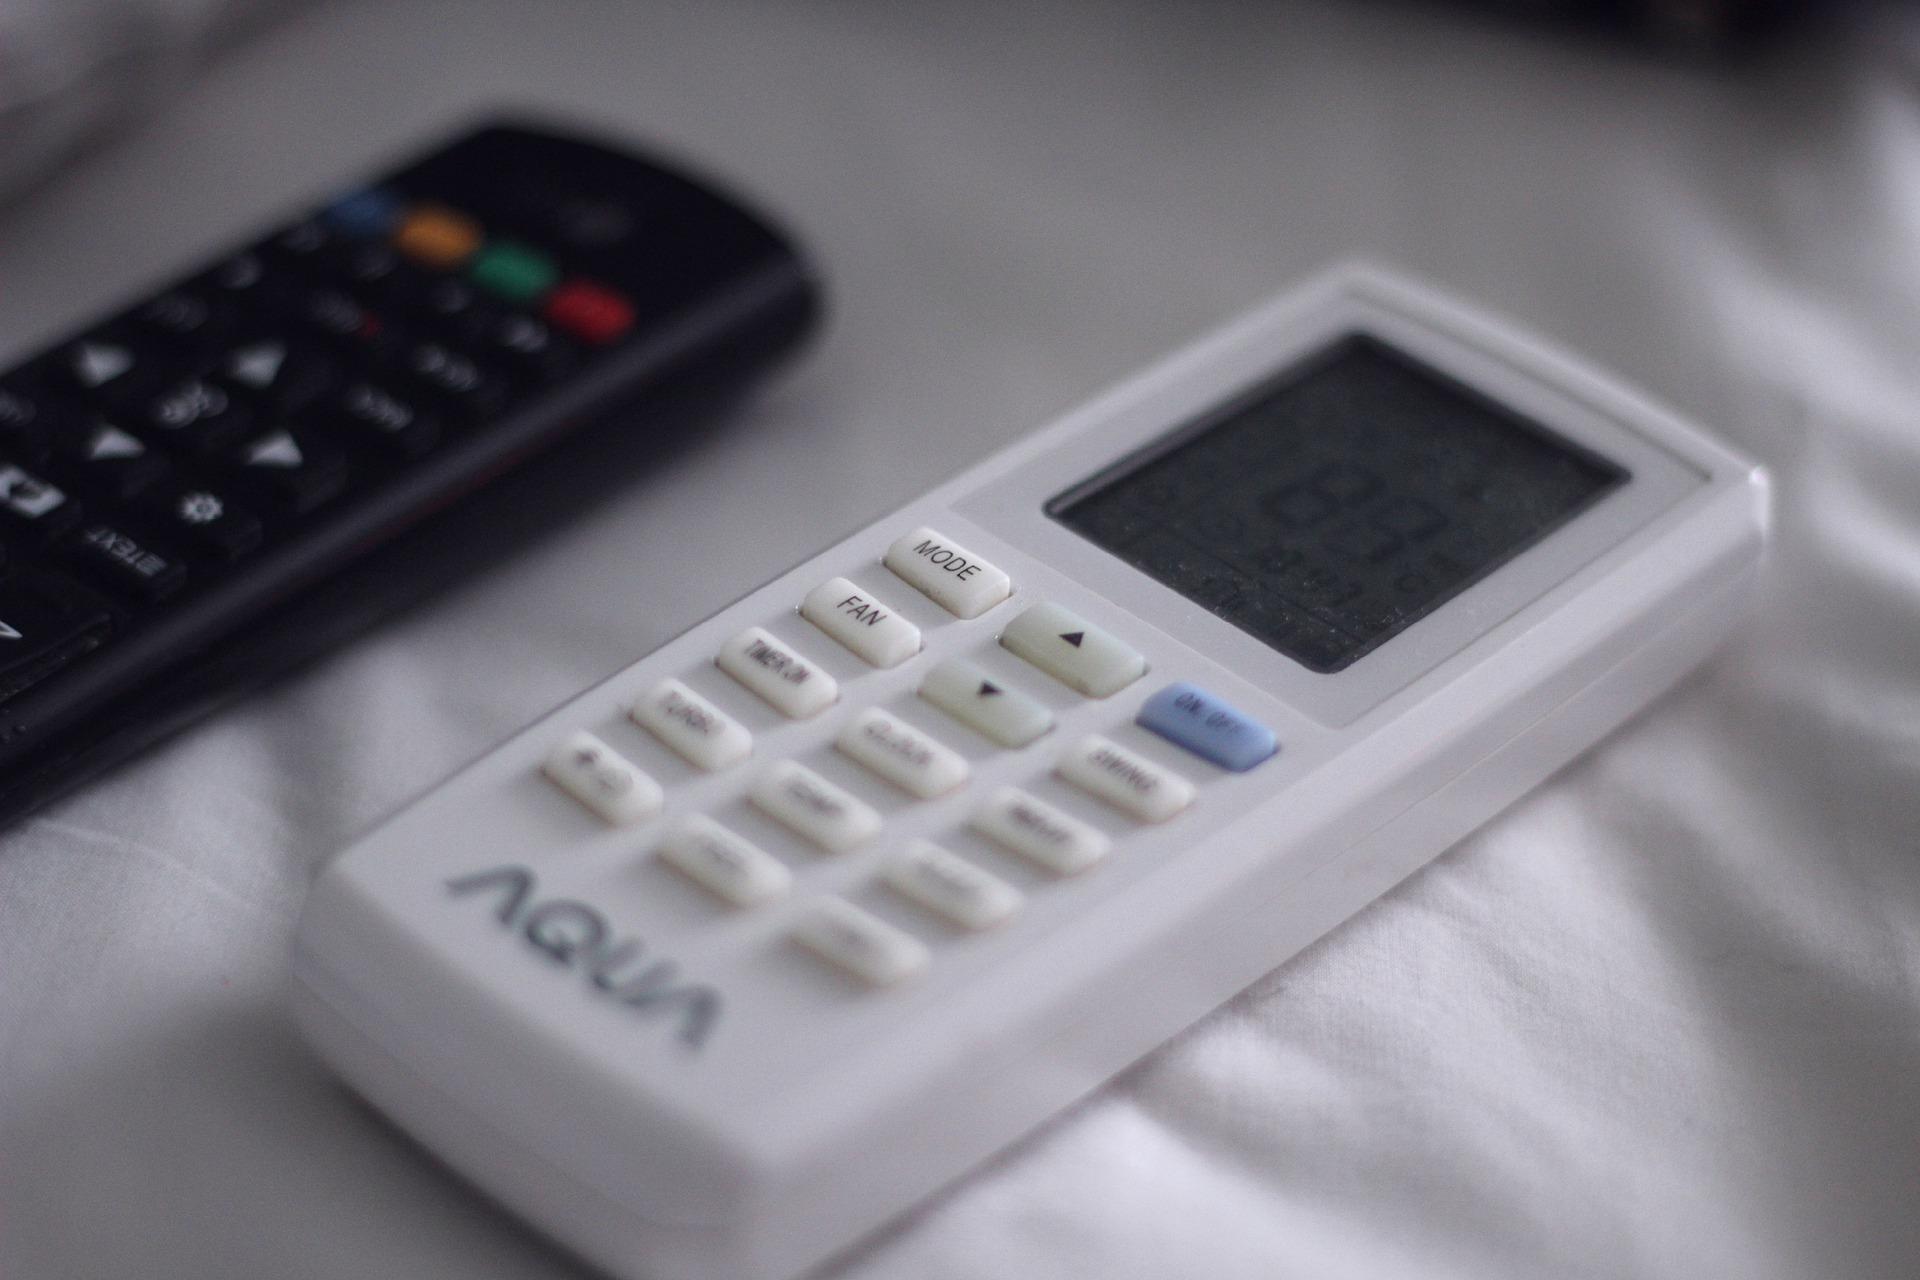 remote-control-4806496_1920